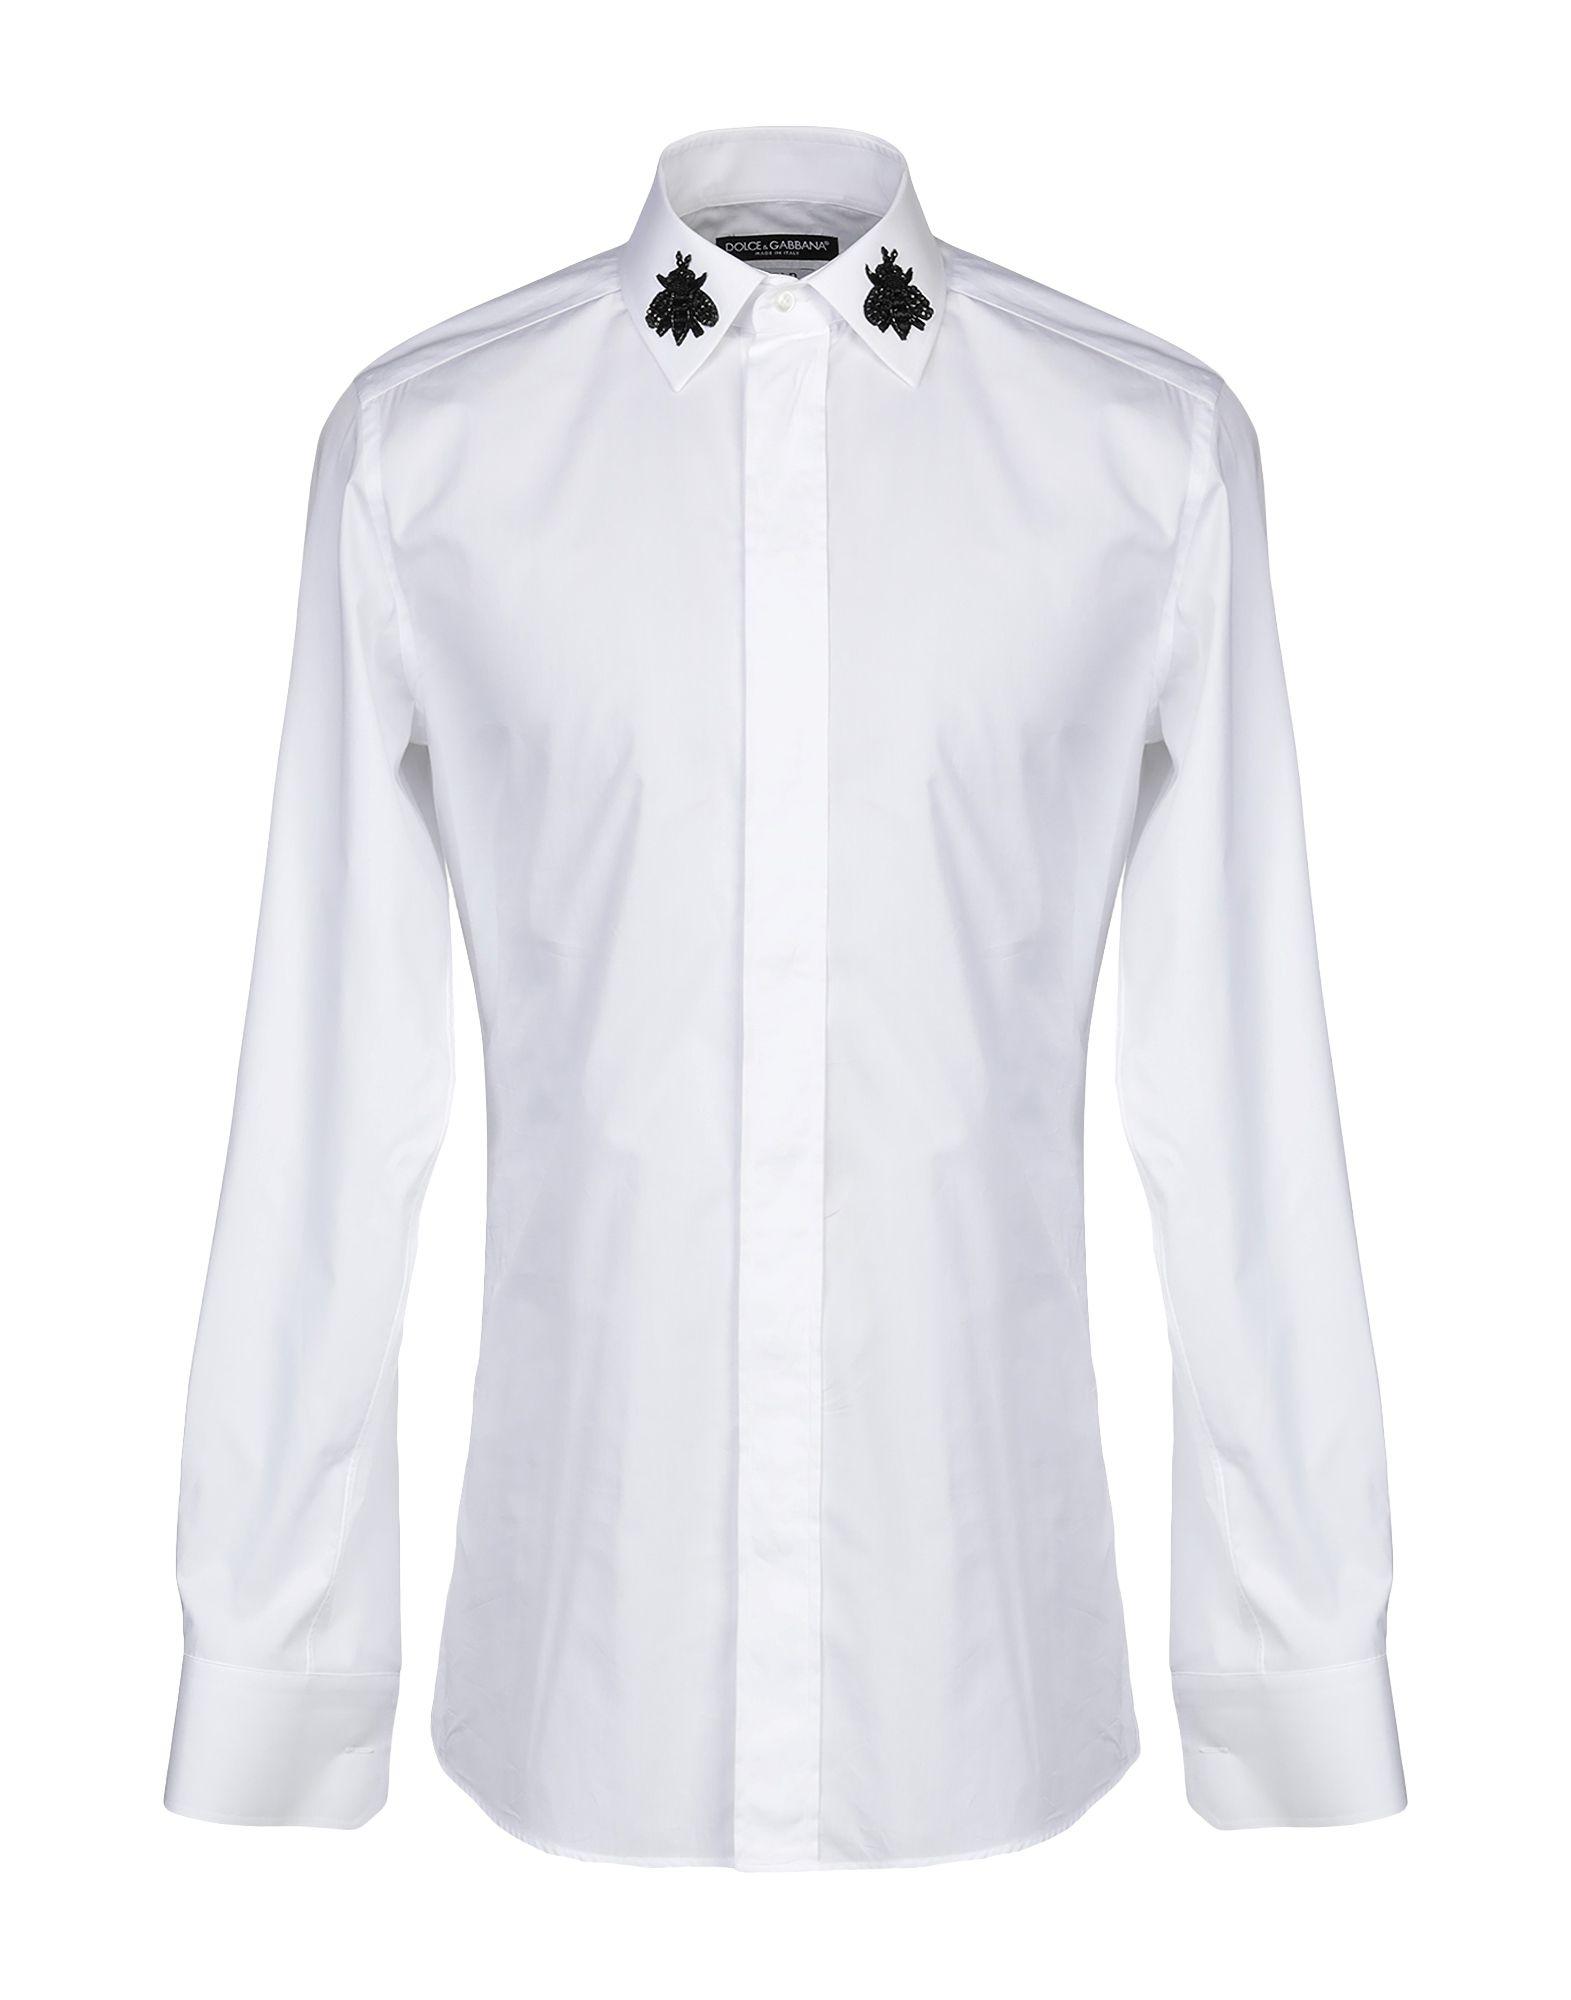 《セール開催中》DOLCE & GABBANA メンズ シャツ ホワイト 41 コットン 100% / アクリル / 真鍮/ブラス / シルク / ガラス